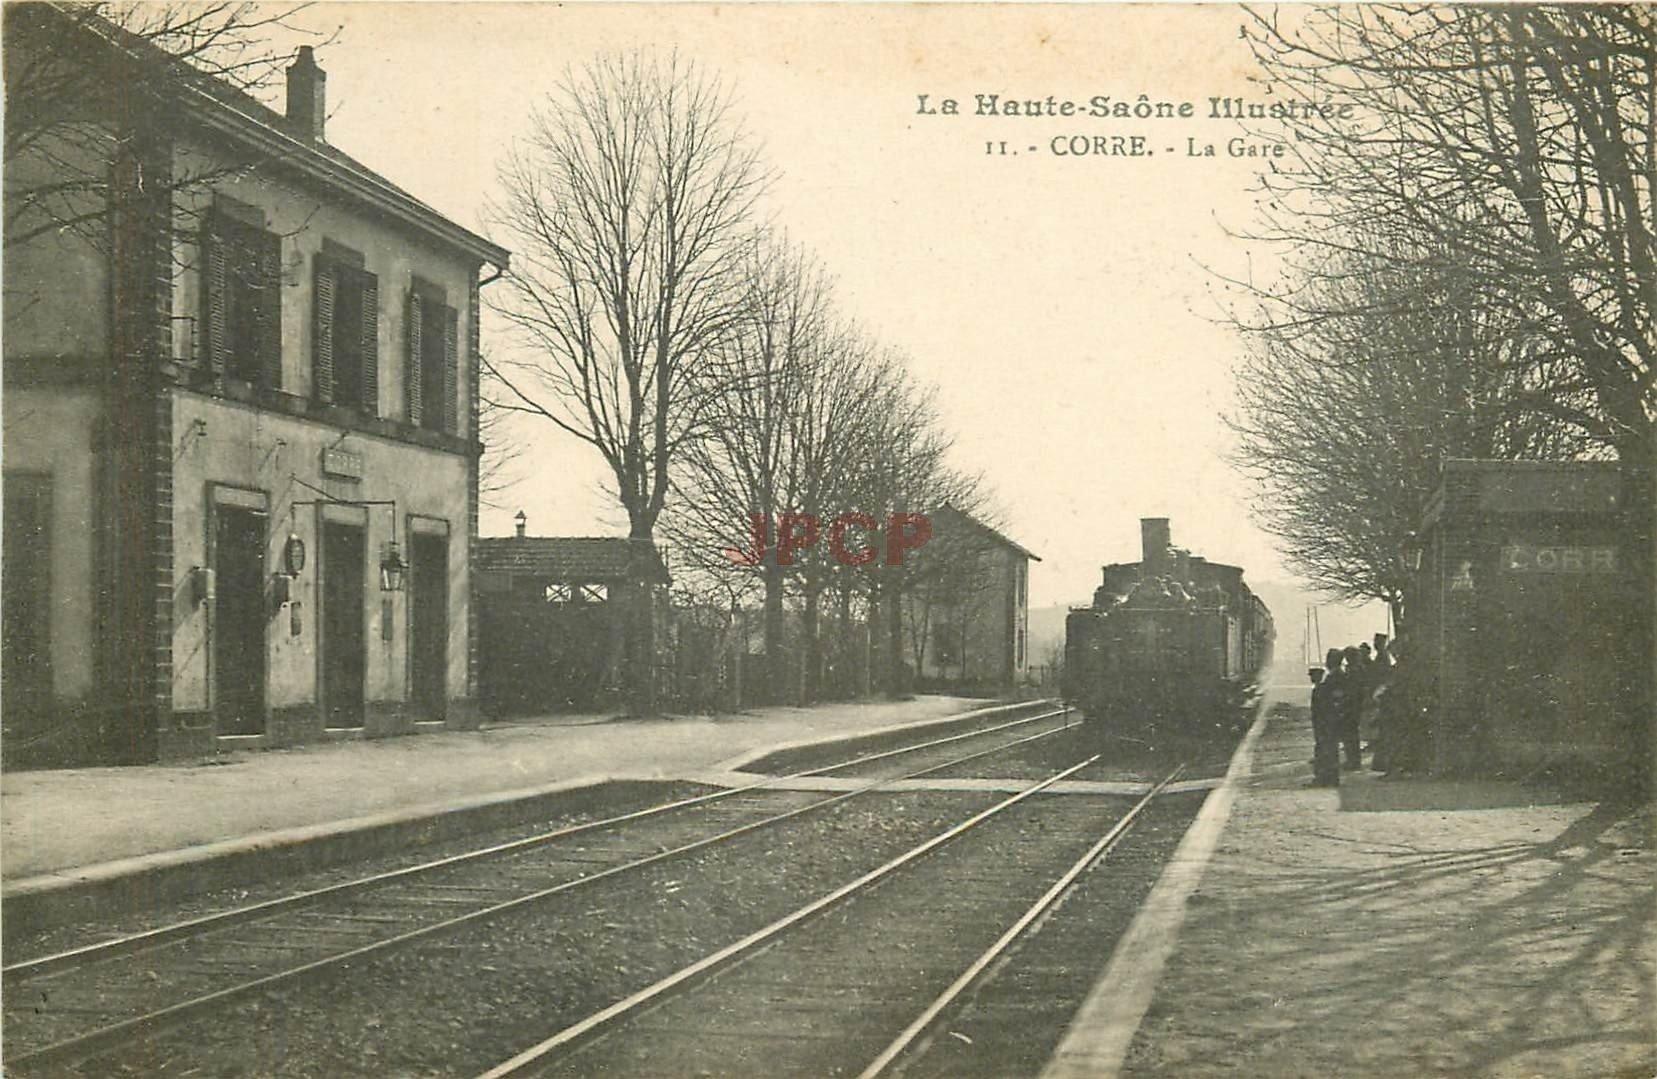 WW 70 CORRE. Arrivée du Train avec locomotive à vapeur en Gare